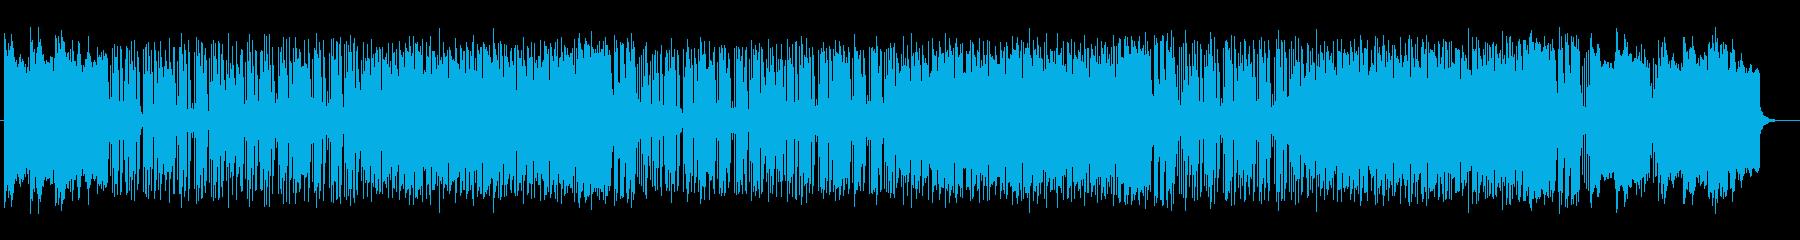 爽やかさを演出できるシンセのポップ曲の再生済みの波形